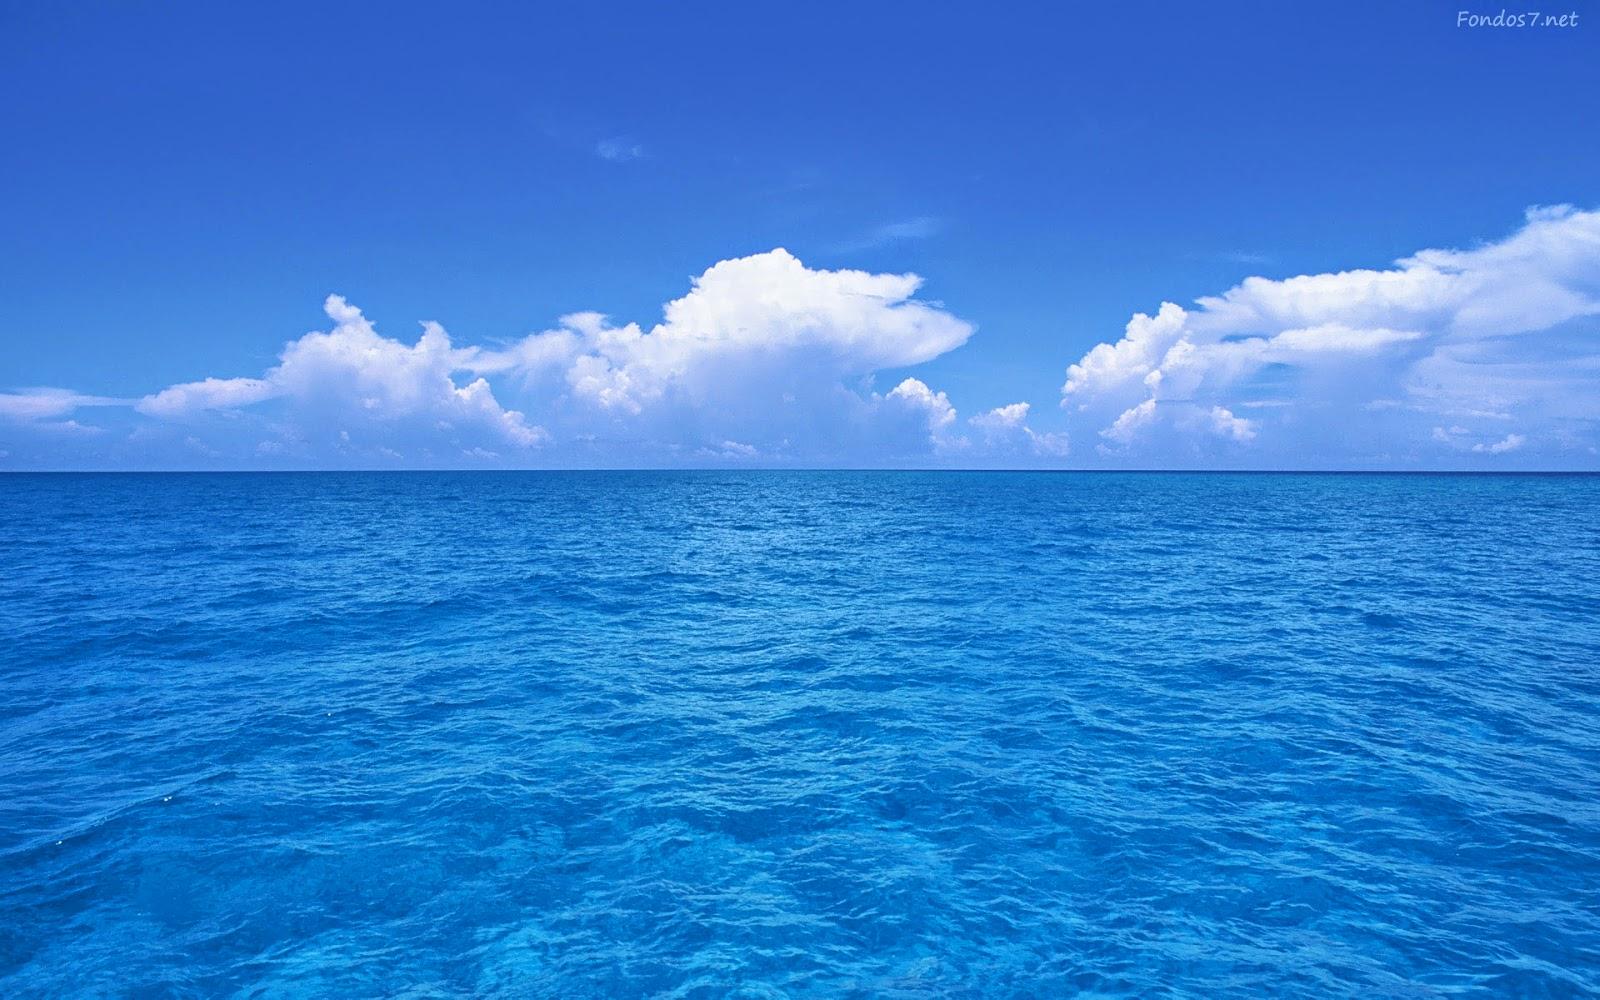 Científicos notifican que el azul de los océanos será cada vez más intenso y eso no es noticia buena | EL FRENTE